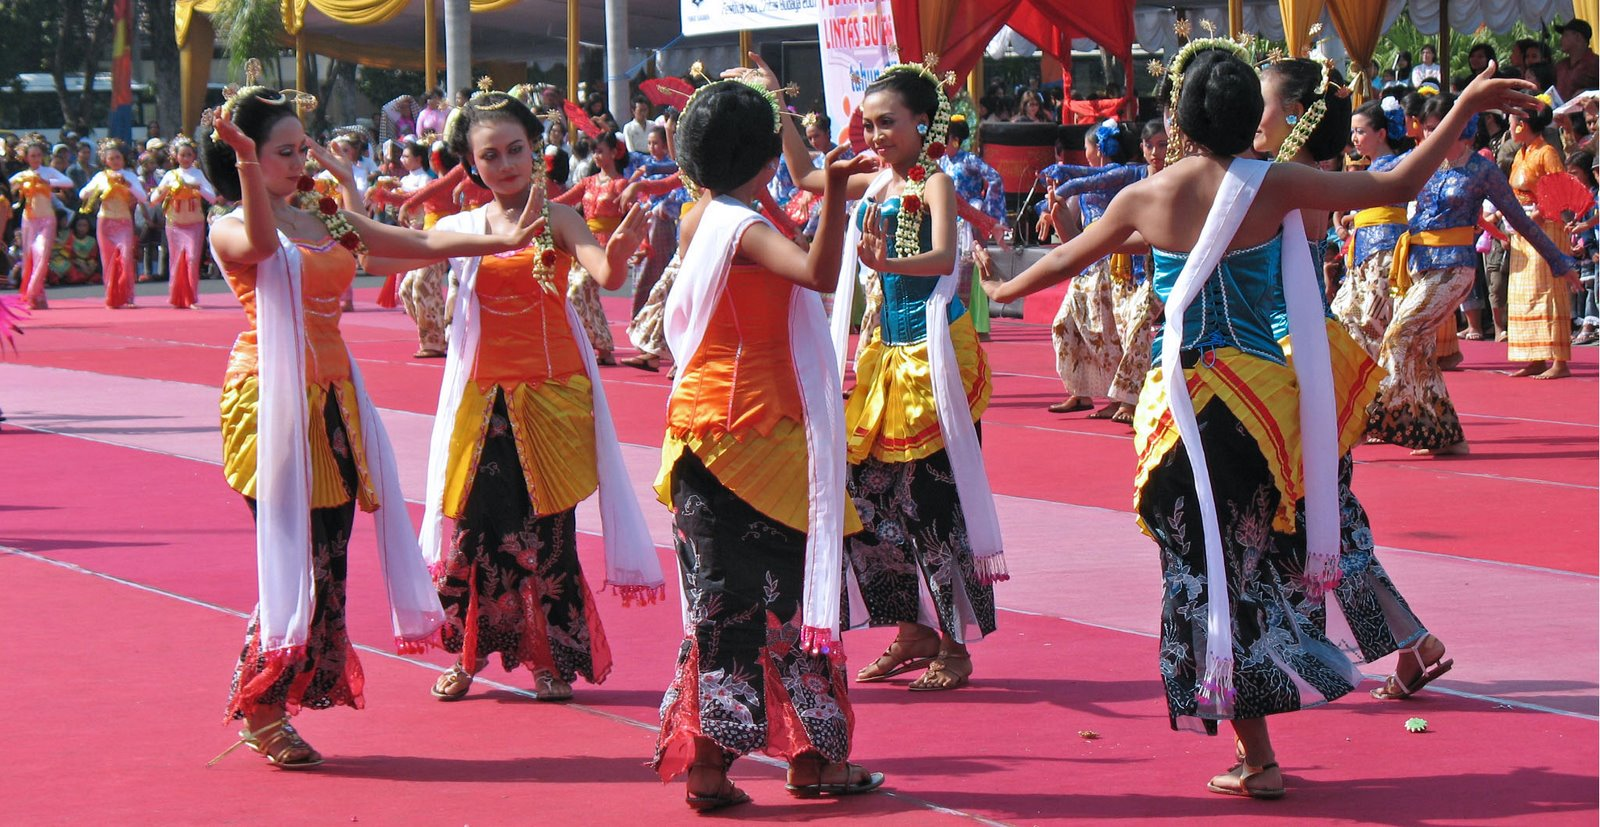 Tari Gambyong Yogyakarta Tari Gambyong Dan Asal Usulnya